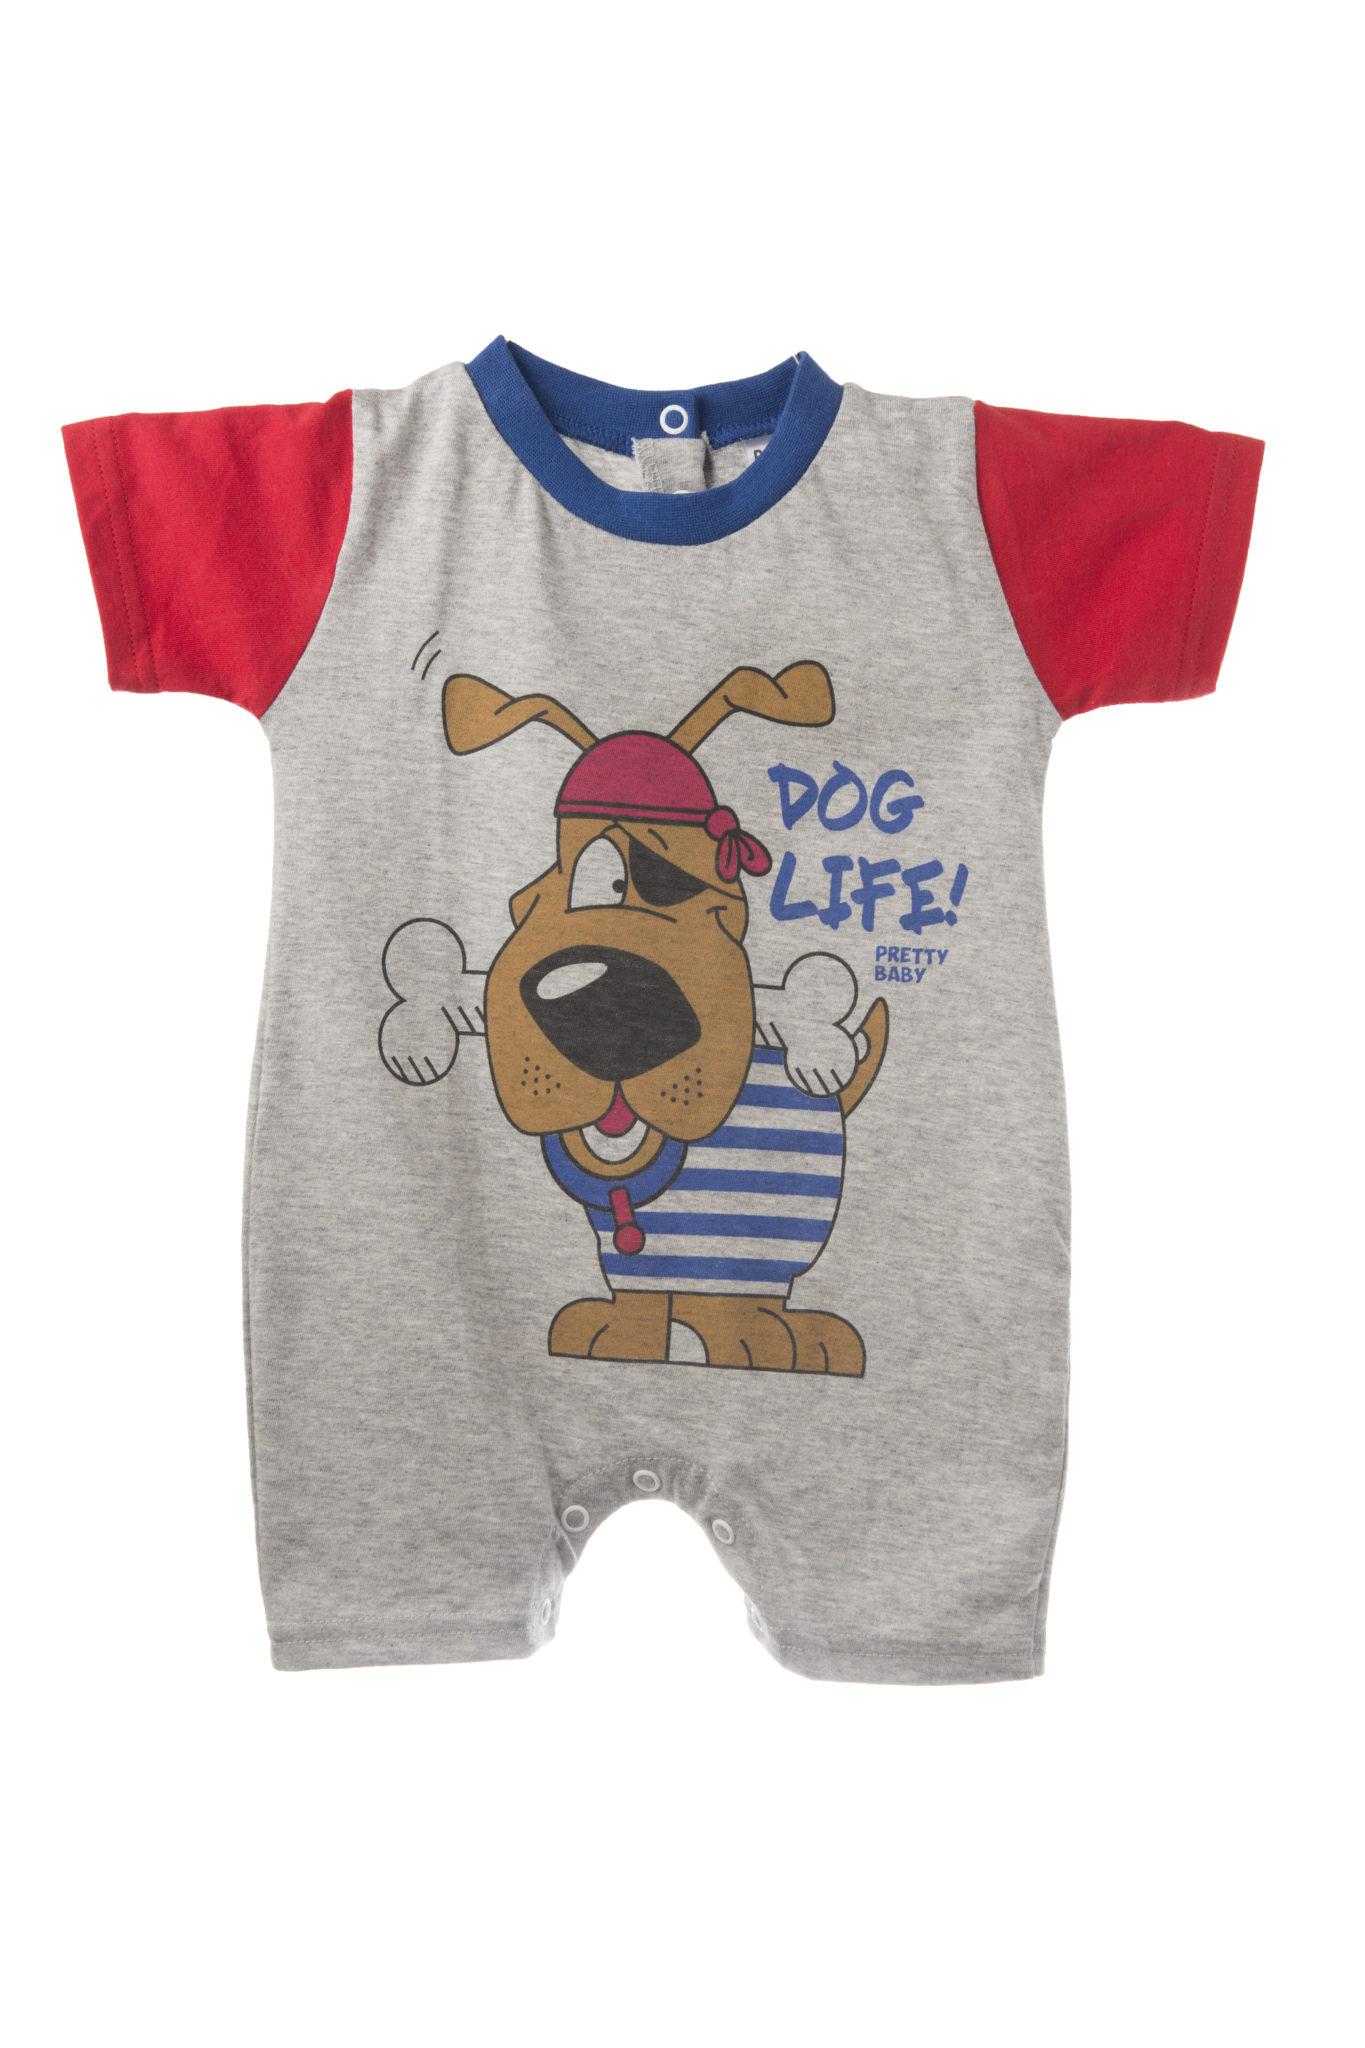 Καλοκαιρινό φορμάκι με σχέδιο σκυλάκι πειρατή - 100% βαμβακερό - Baby 03 eb843a0709f